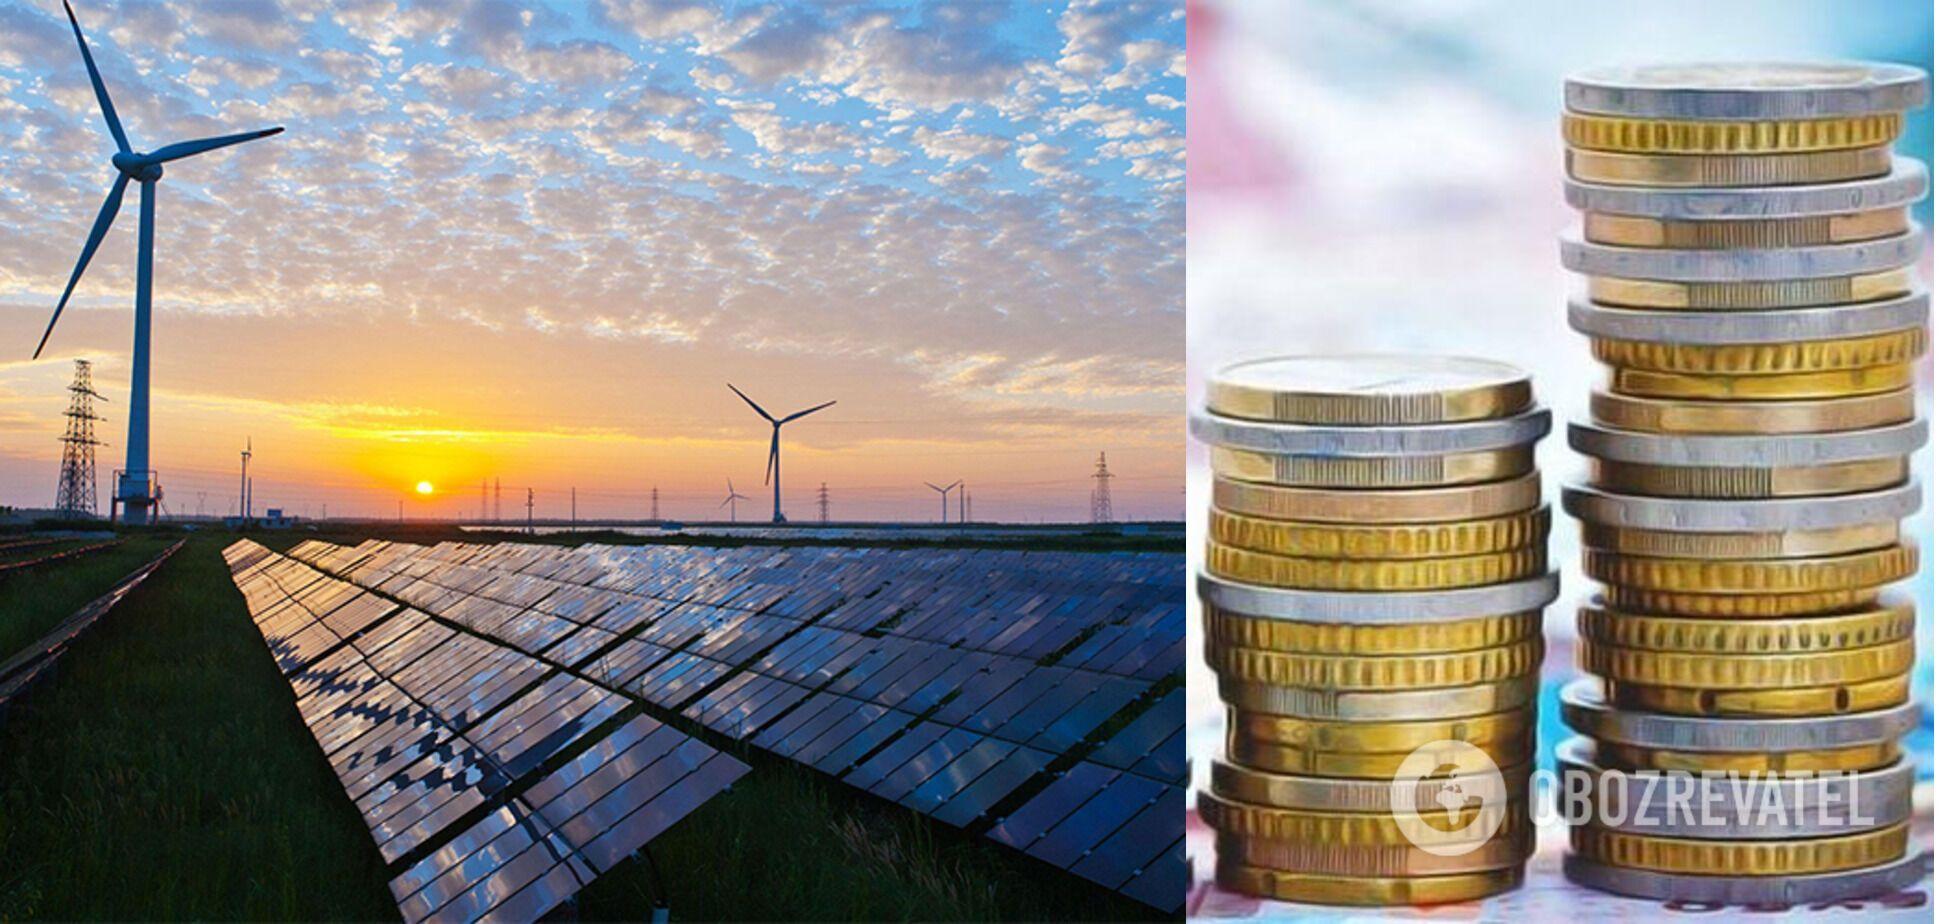 Збільшенням податків уряд намагається пограбувати 'зелених' інвесторів удруге за 2 роки, – експерт